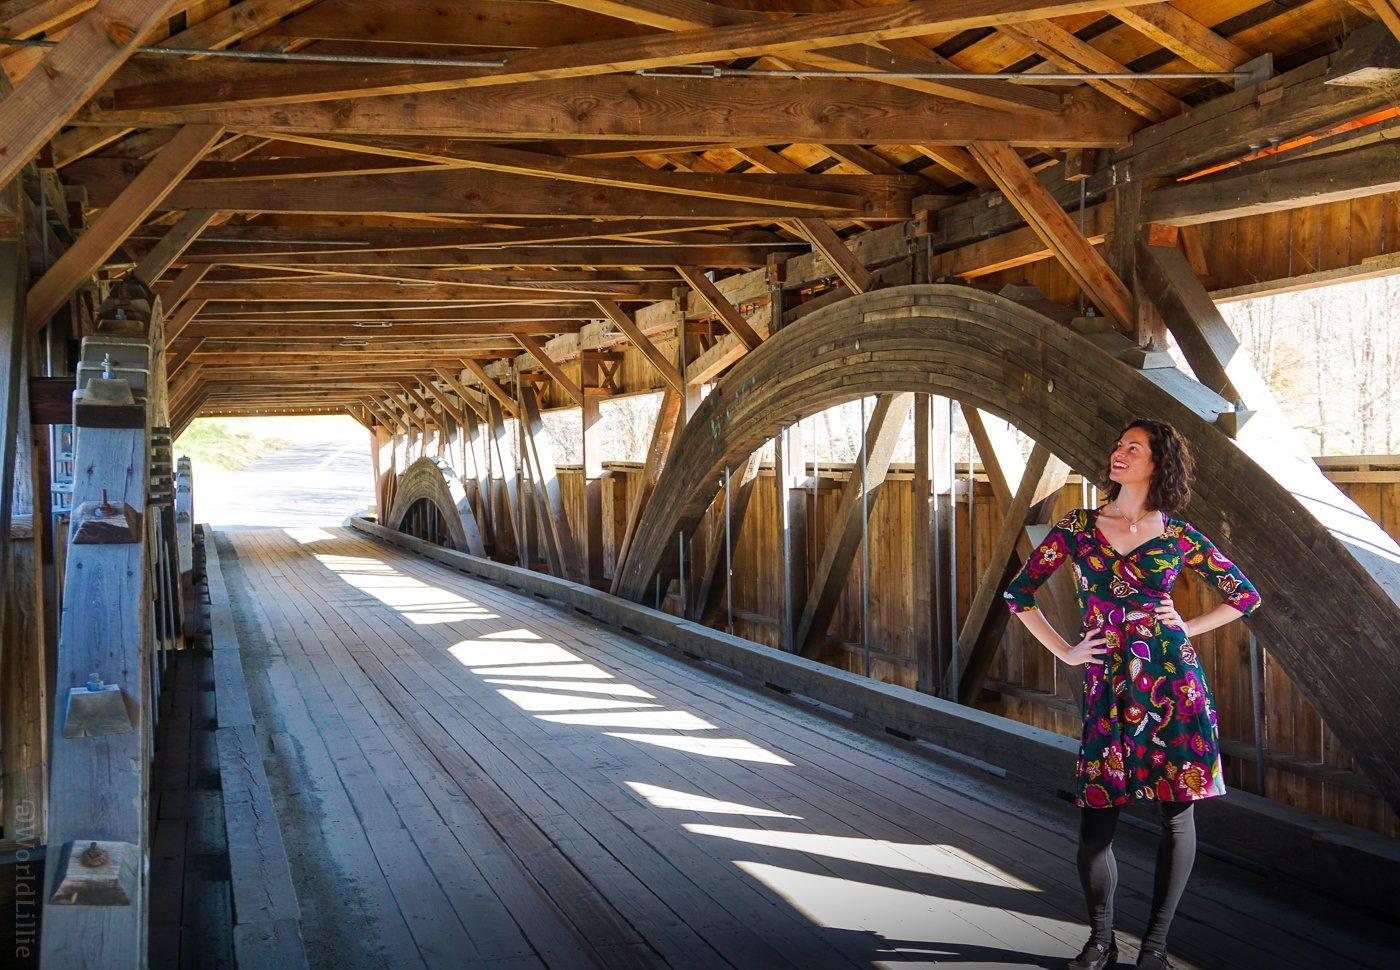 Inside the Taftsville covered bridge near Woodstock, VT.